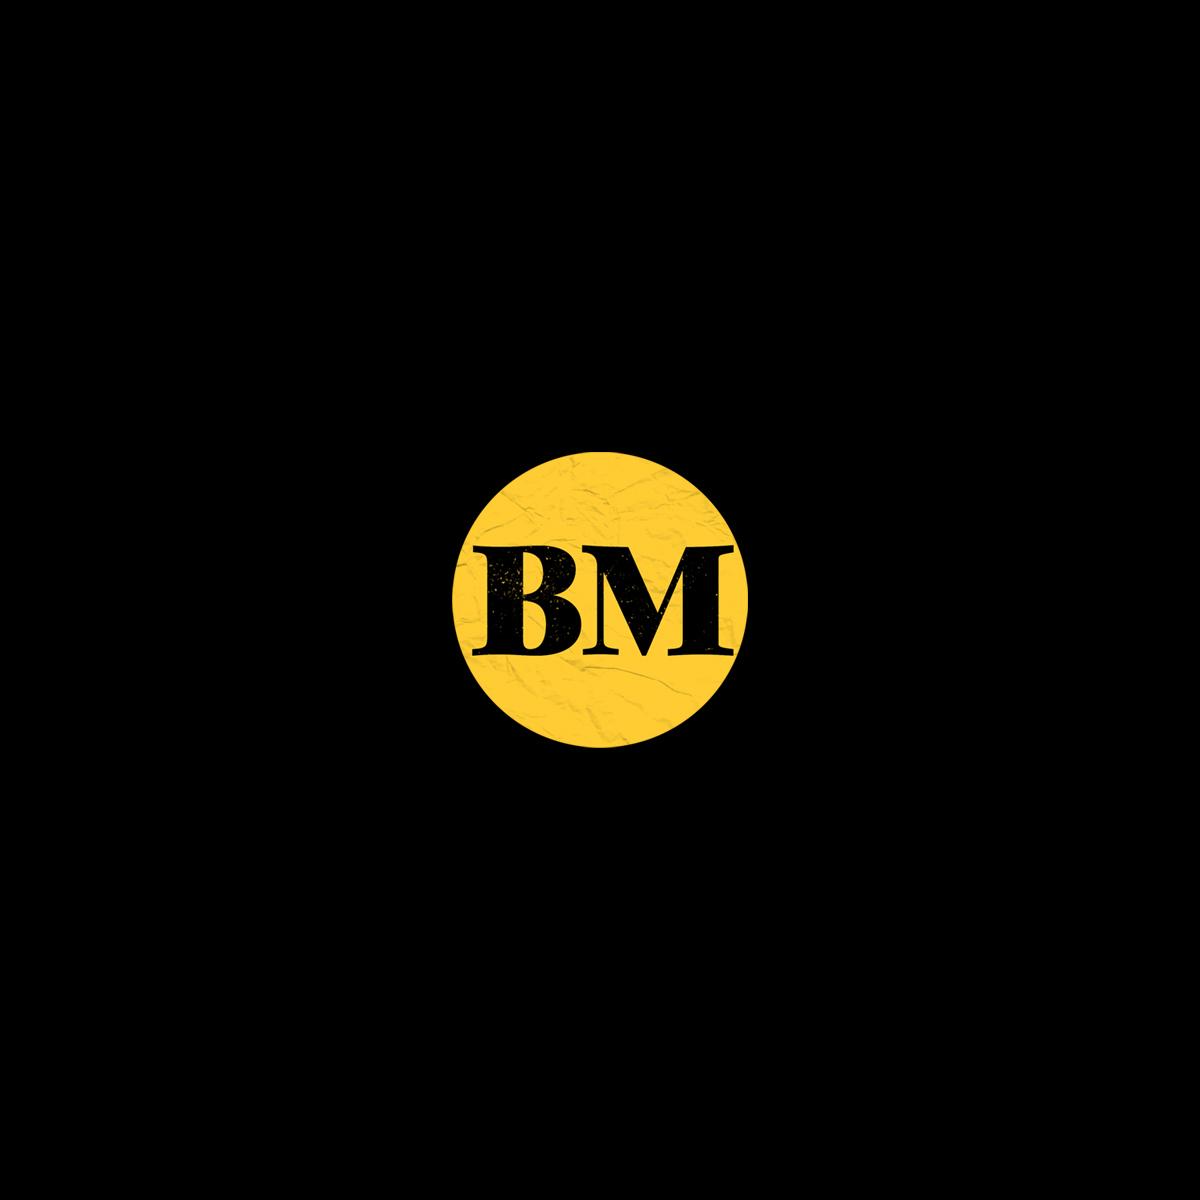 New twist in Wirecard mess: fake BI record | Joel R. San Juan - Business Mirror